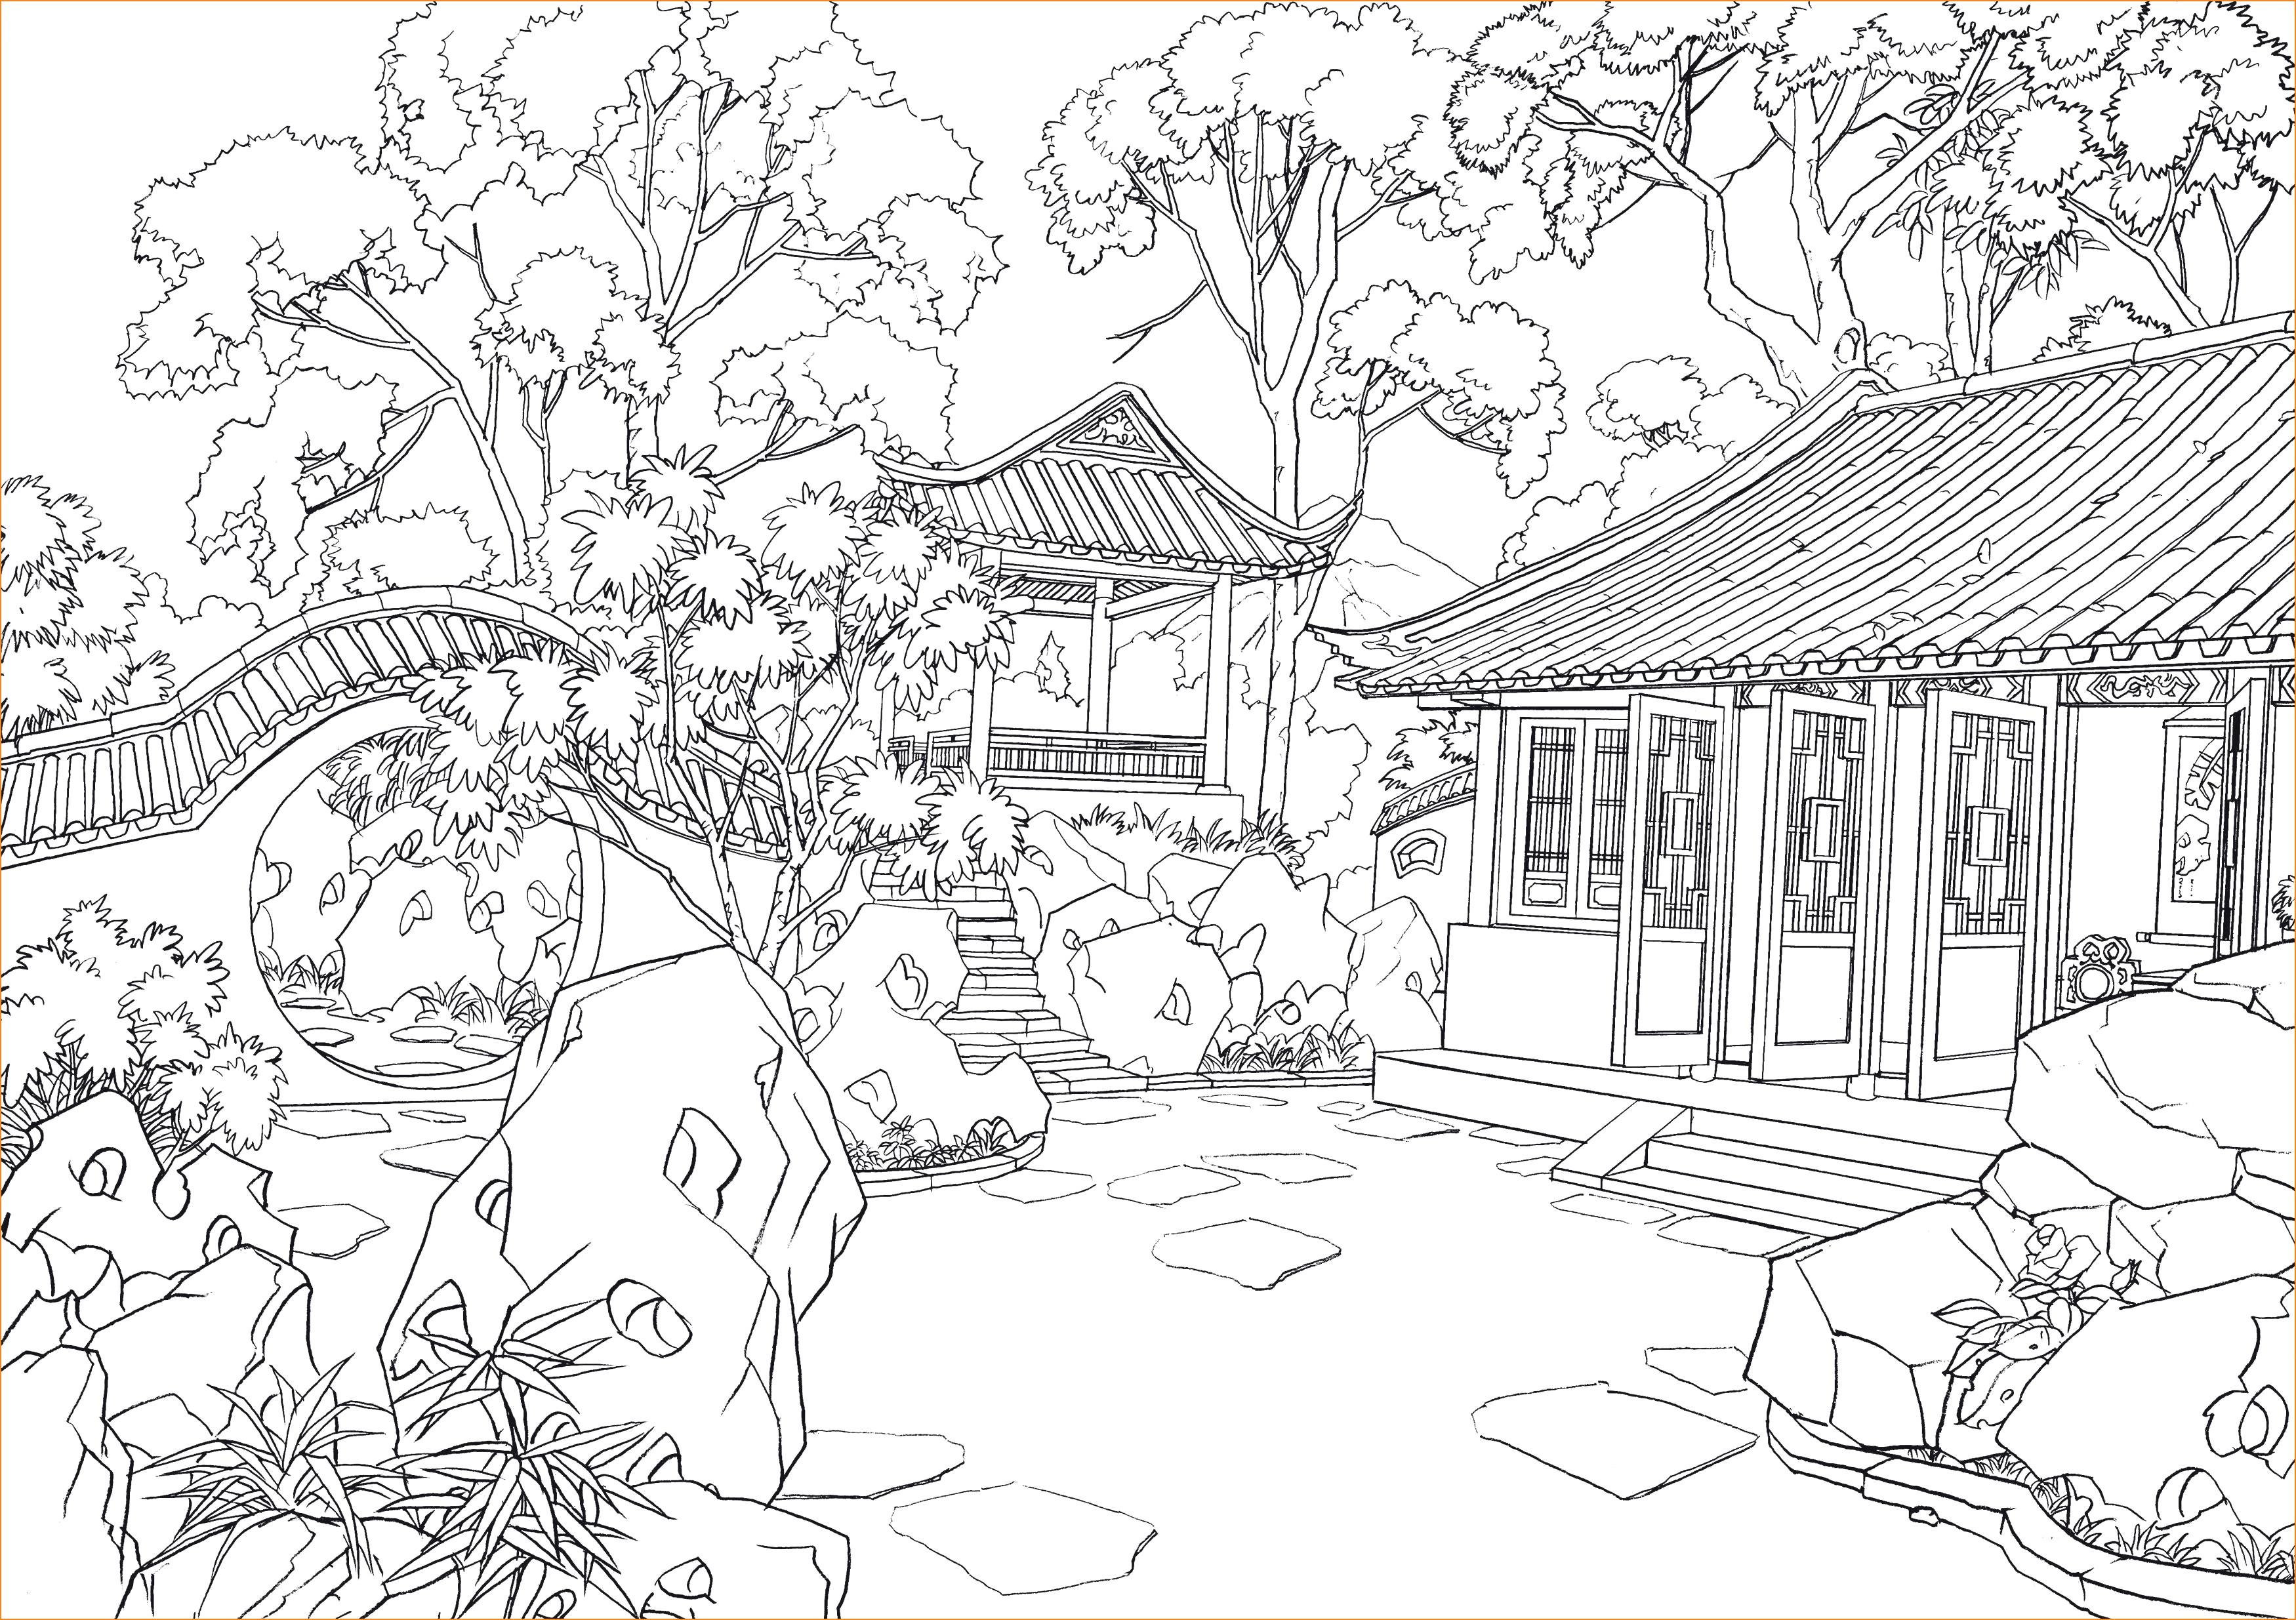 Ausmalbild Bauernhof Tiere Das Beste Von Ausmalbilder Haus Von Innen Neu Blechtiere Für Garten Schön 45 Avec Das Bild